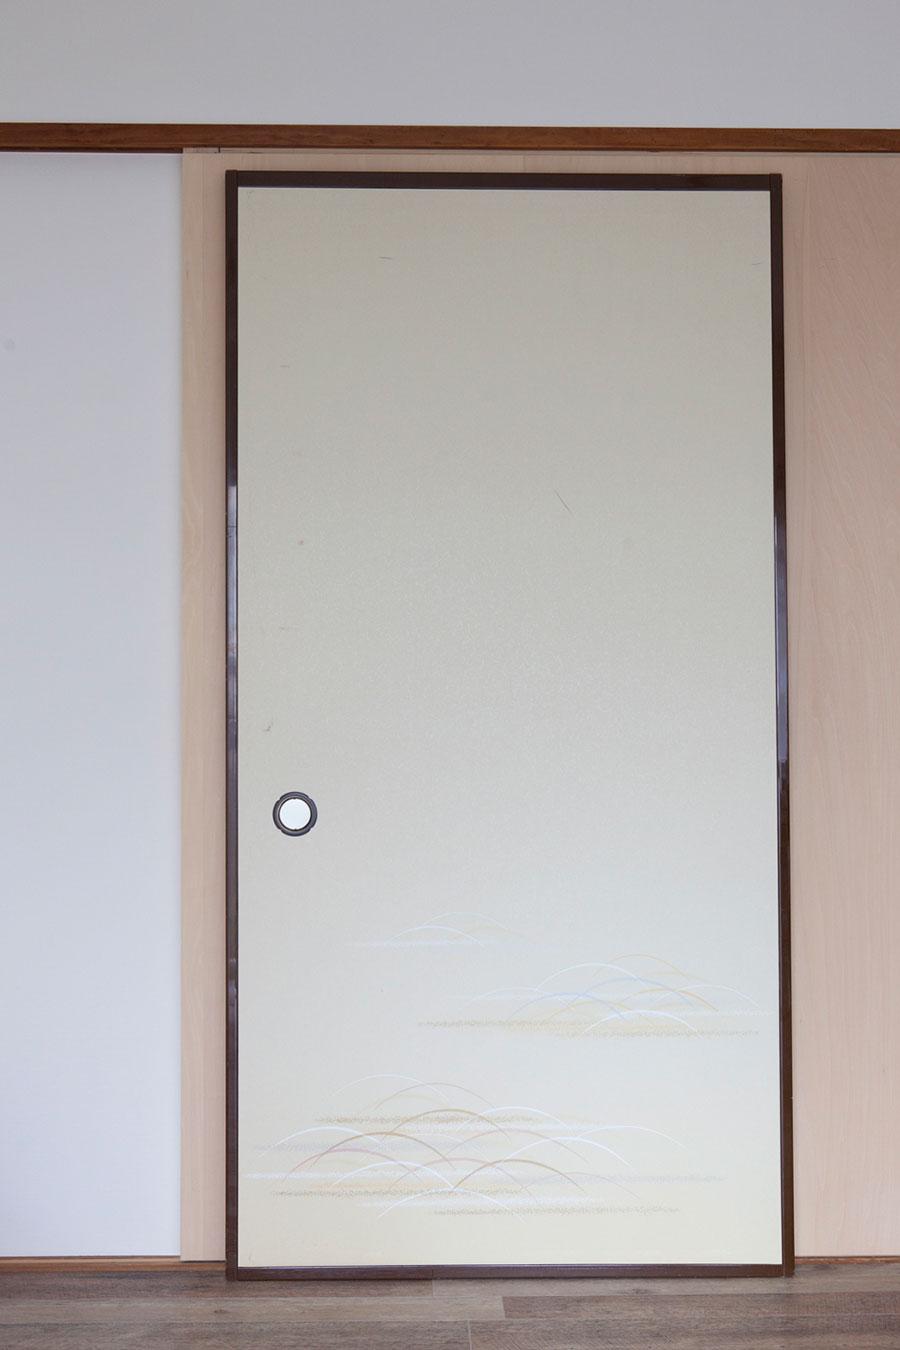 和室で使われていた襖。今回、この襖を洋室に似合うドアにリメイクしていく。